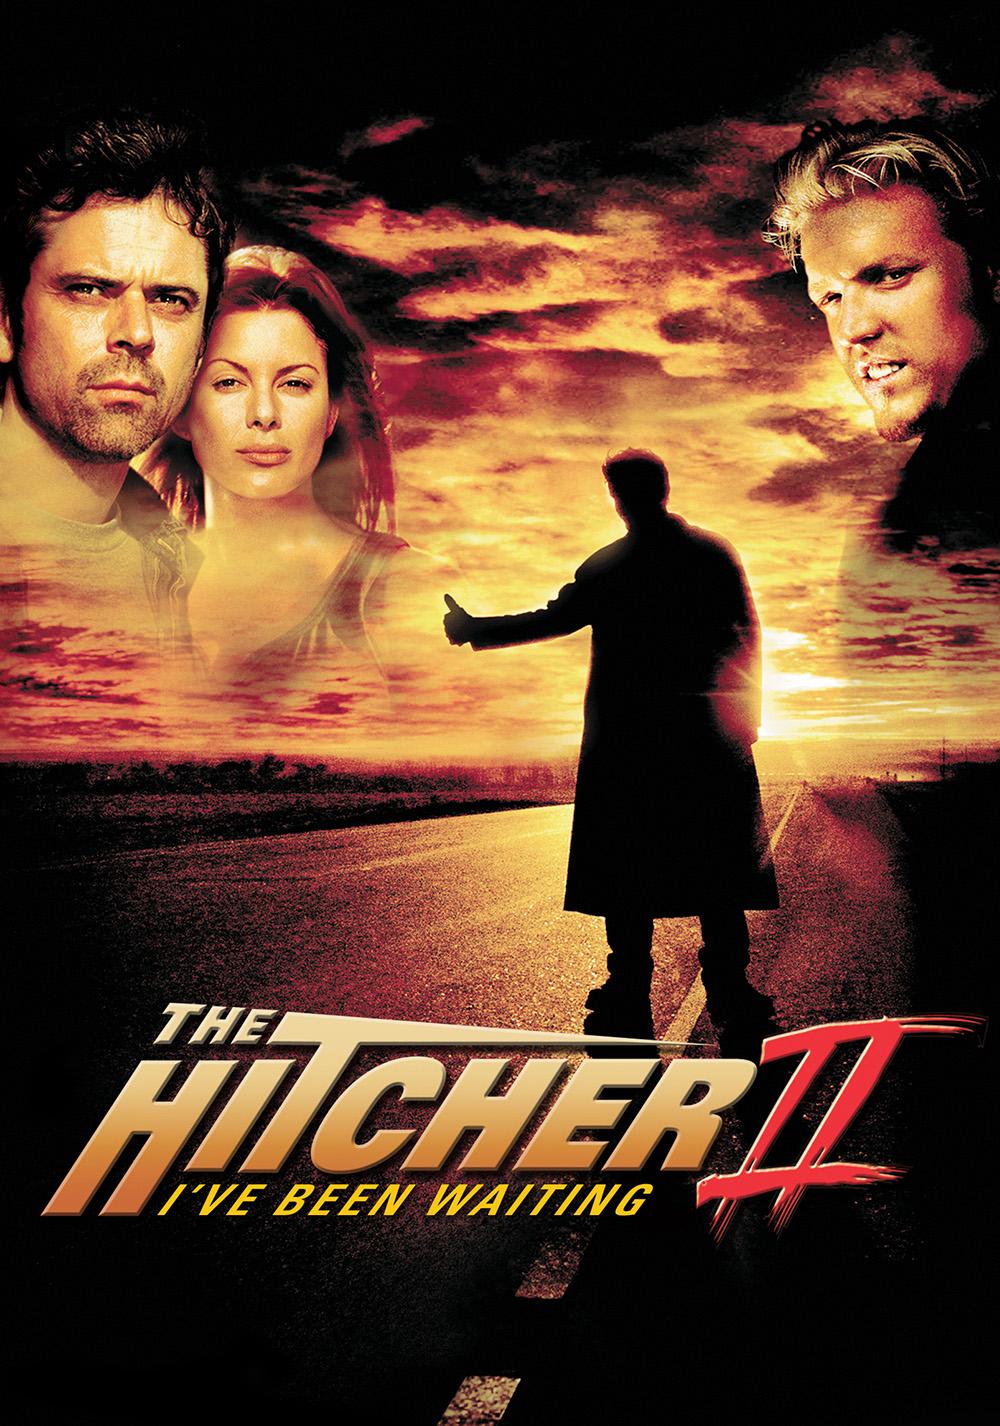 The Hitcher Ii Ive Been Waiting Video 2003 Imdb